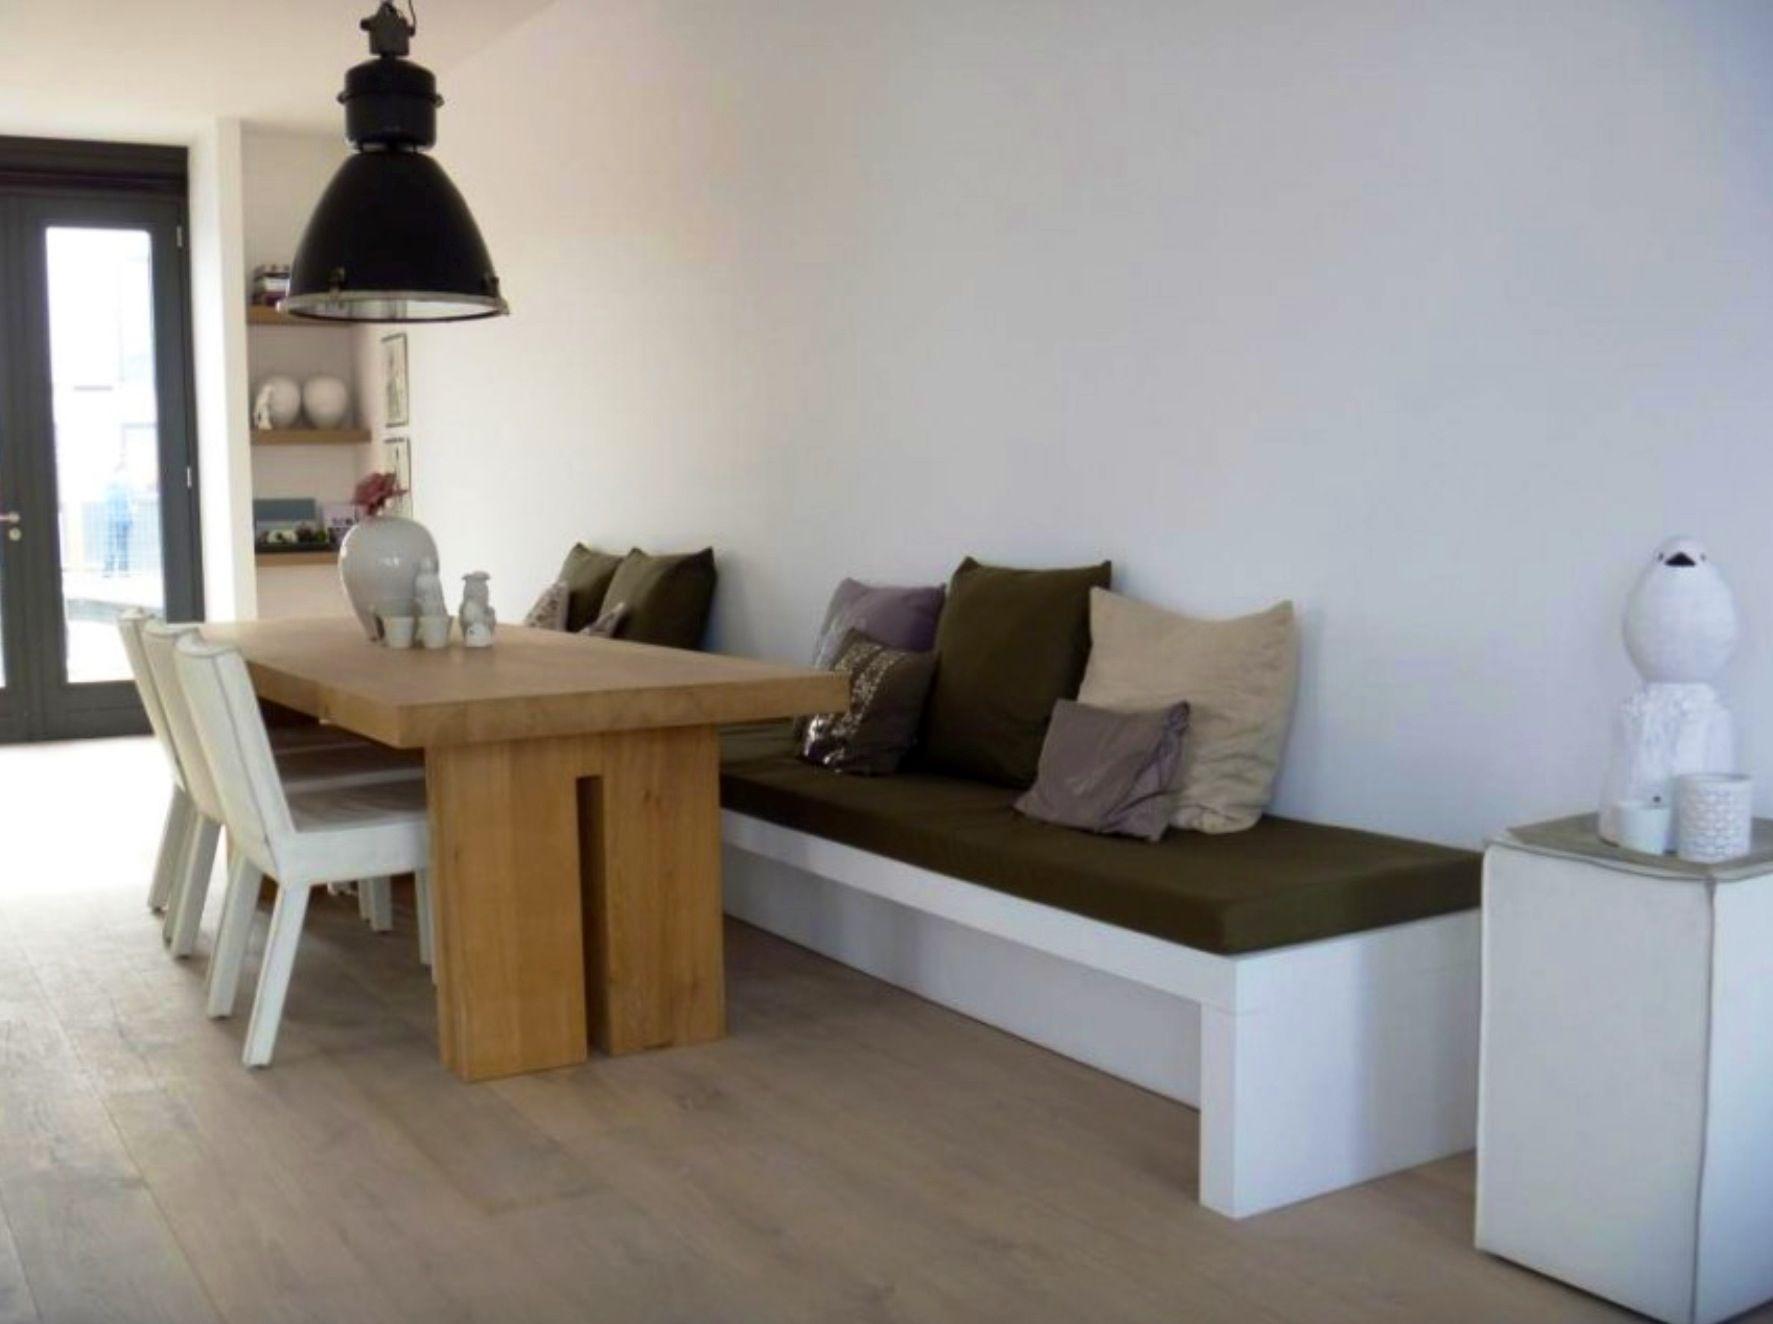 Strakke bank Leuk witte bank en houten tafel qua kleur